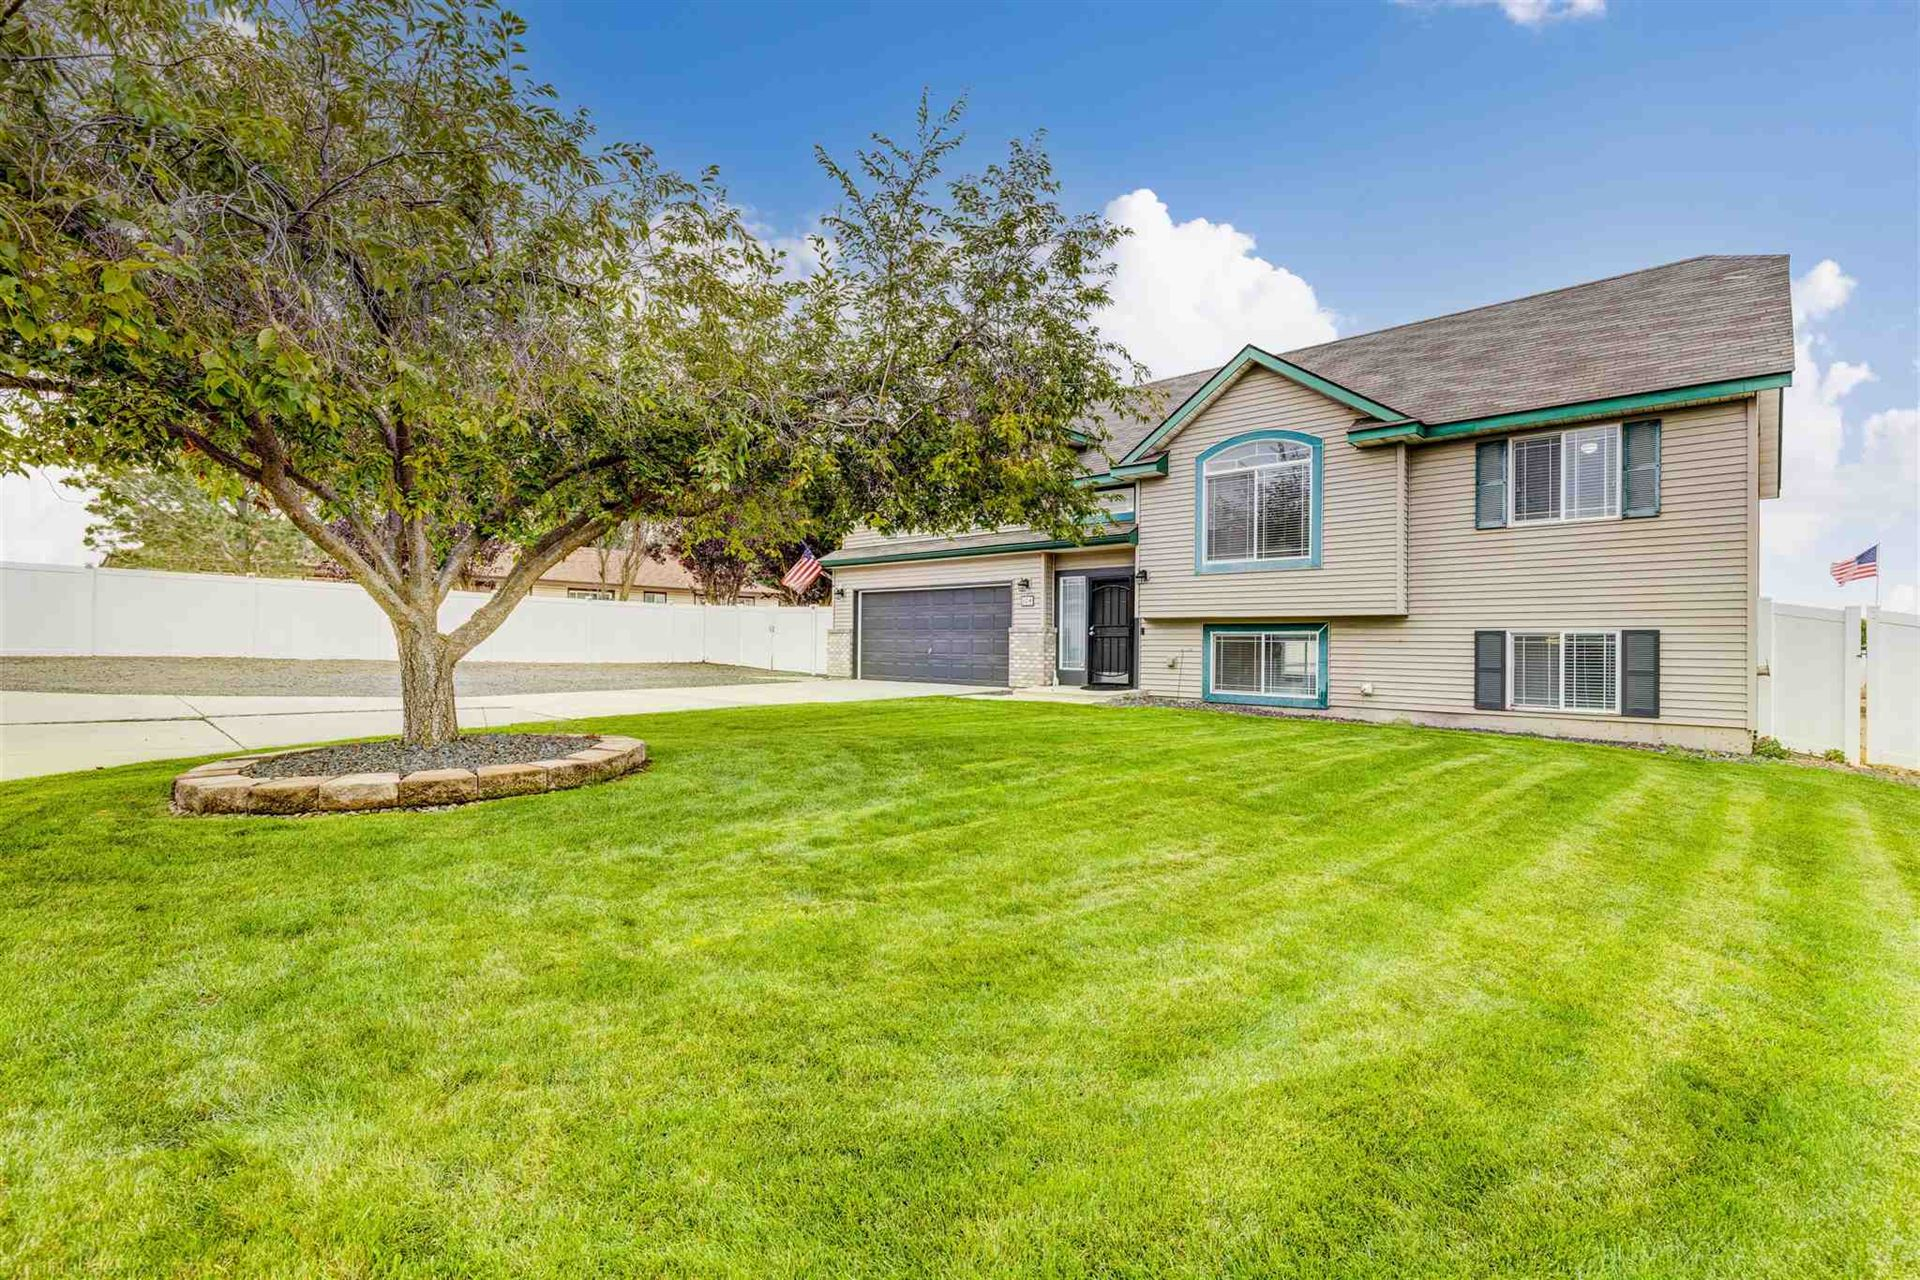 Photo of 604 S McMillan Rd, Spokane Valley, WA 99016 (MLS # 202122569)